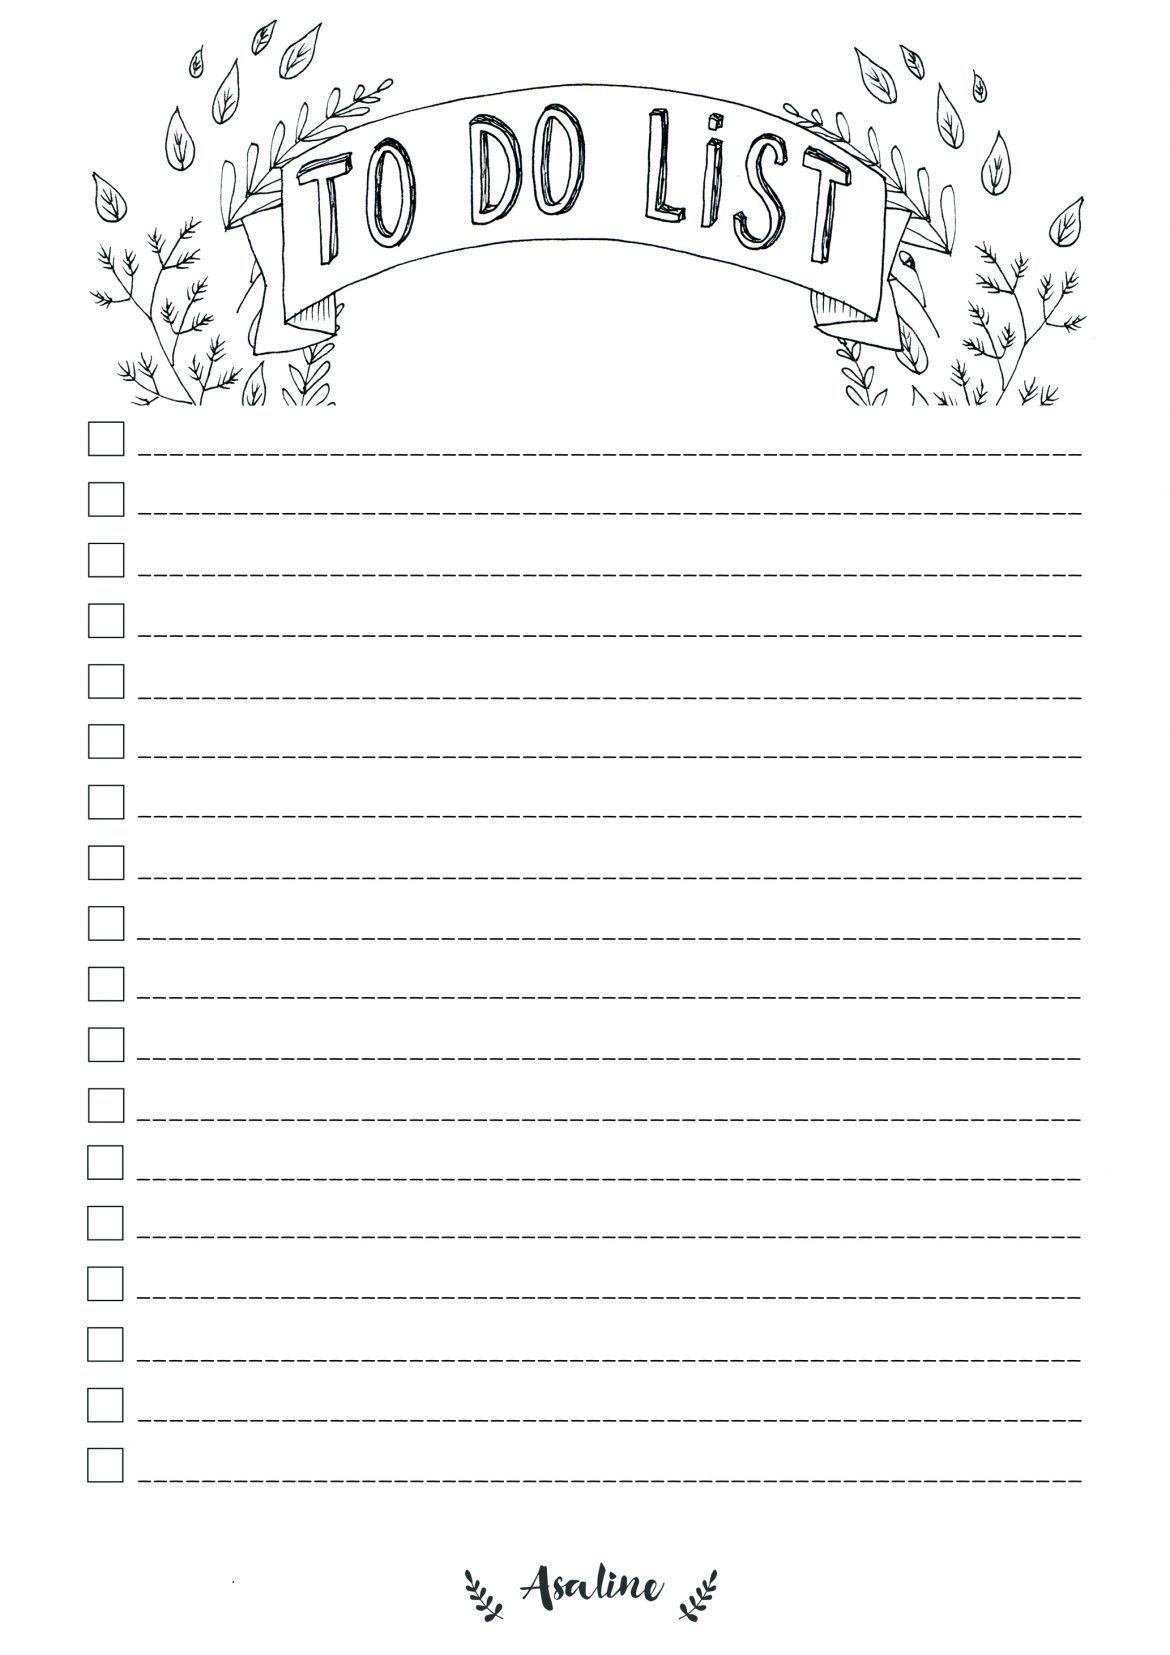 Asaline to do list septembre 2016 imprimer gratuit printable noir et blanc 2017 pinterest - Mois du blanc 2017 ...